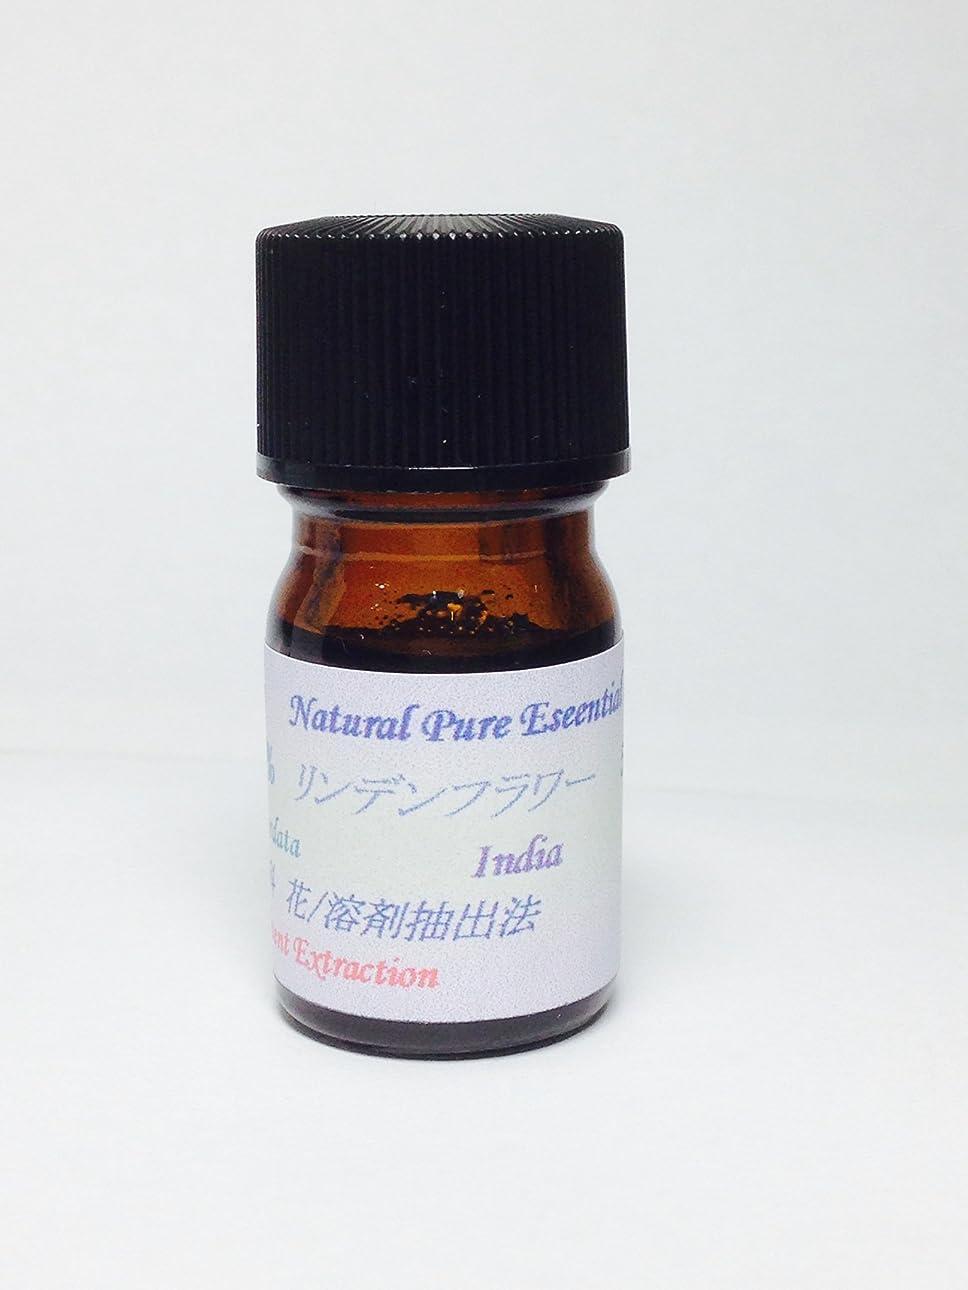 ベアリングサークルサイレント幻滅するリンデン フラワー Abs25% エッセンシャルオイル 高級精油 5ml